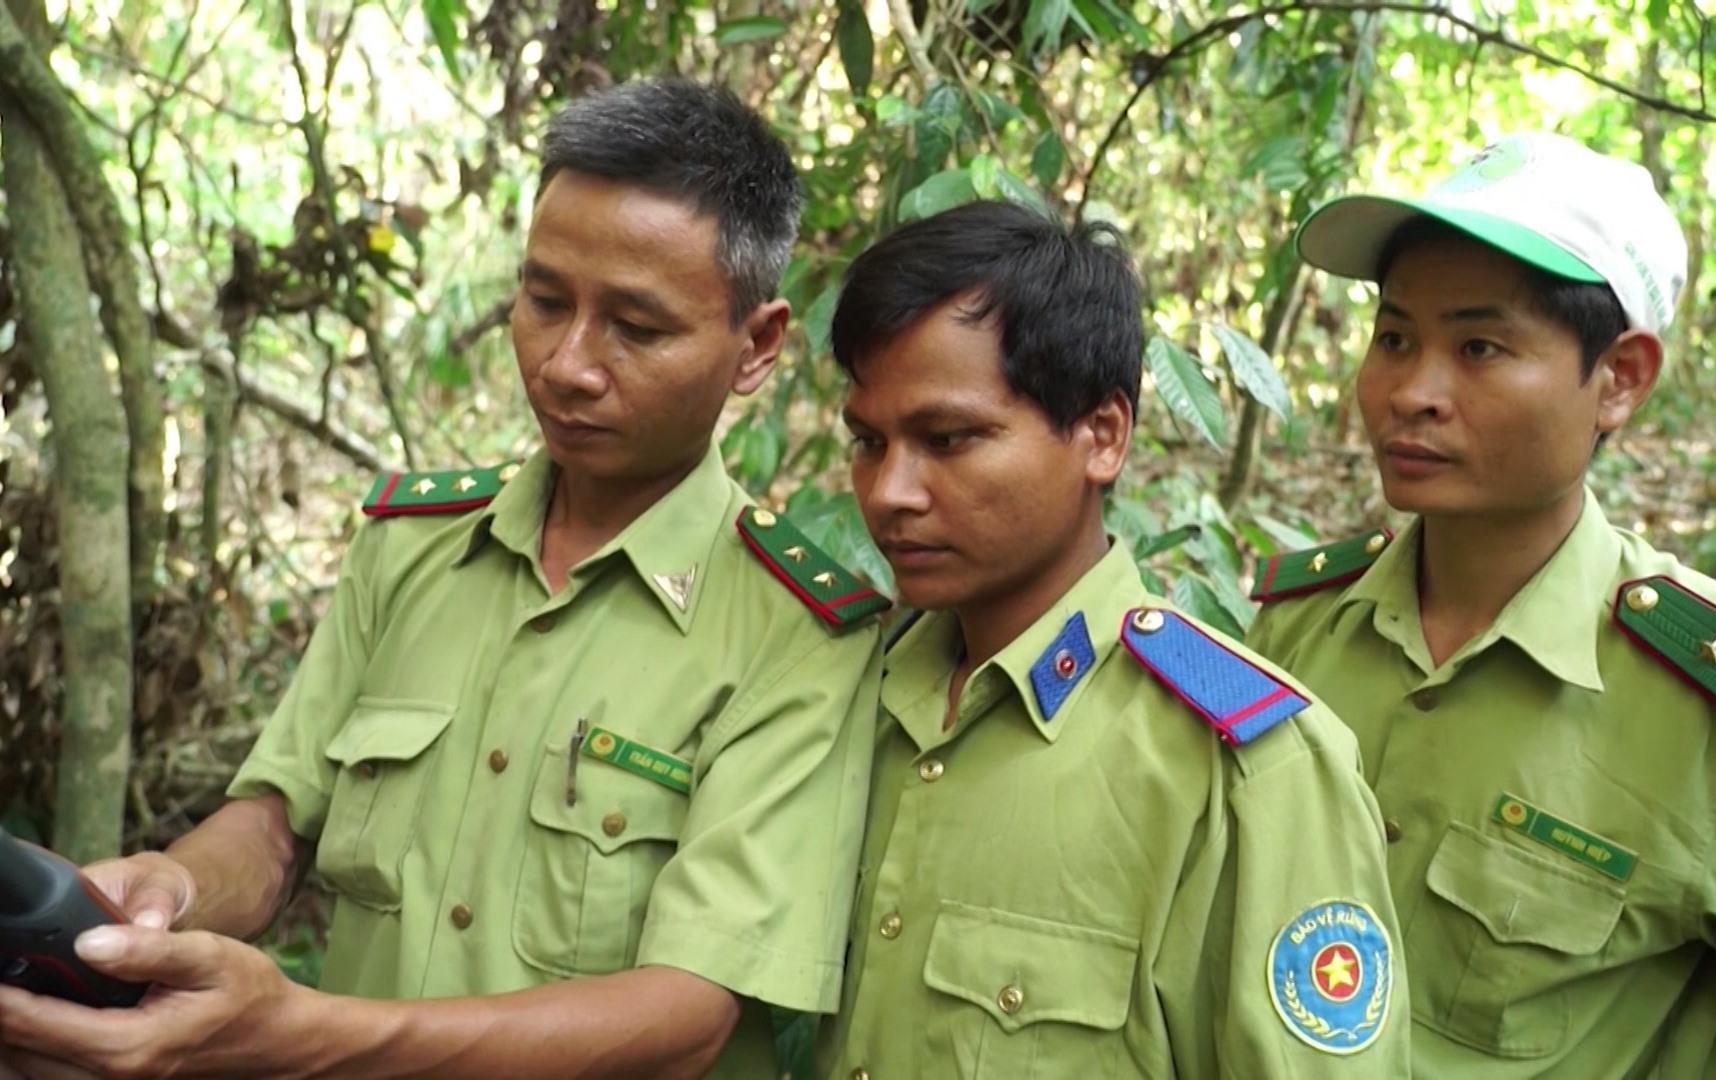 Lực lượng chuyên trách của Vườn quốc gia Sông Thanh tuần tra, kiểm soát bảo vệ rừng. Ảnh: T.Sỹ